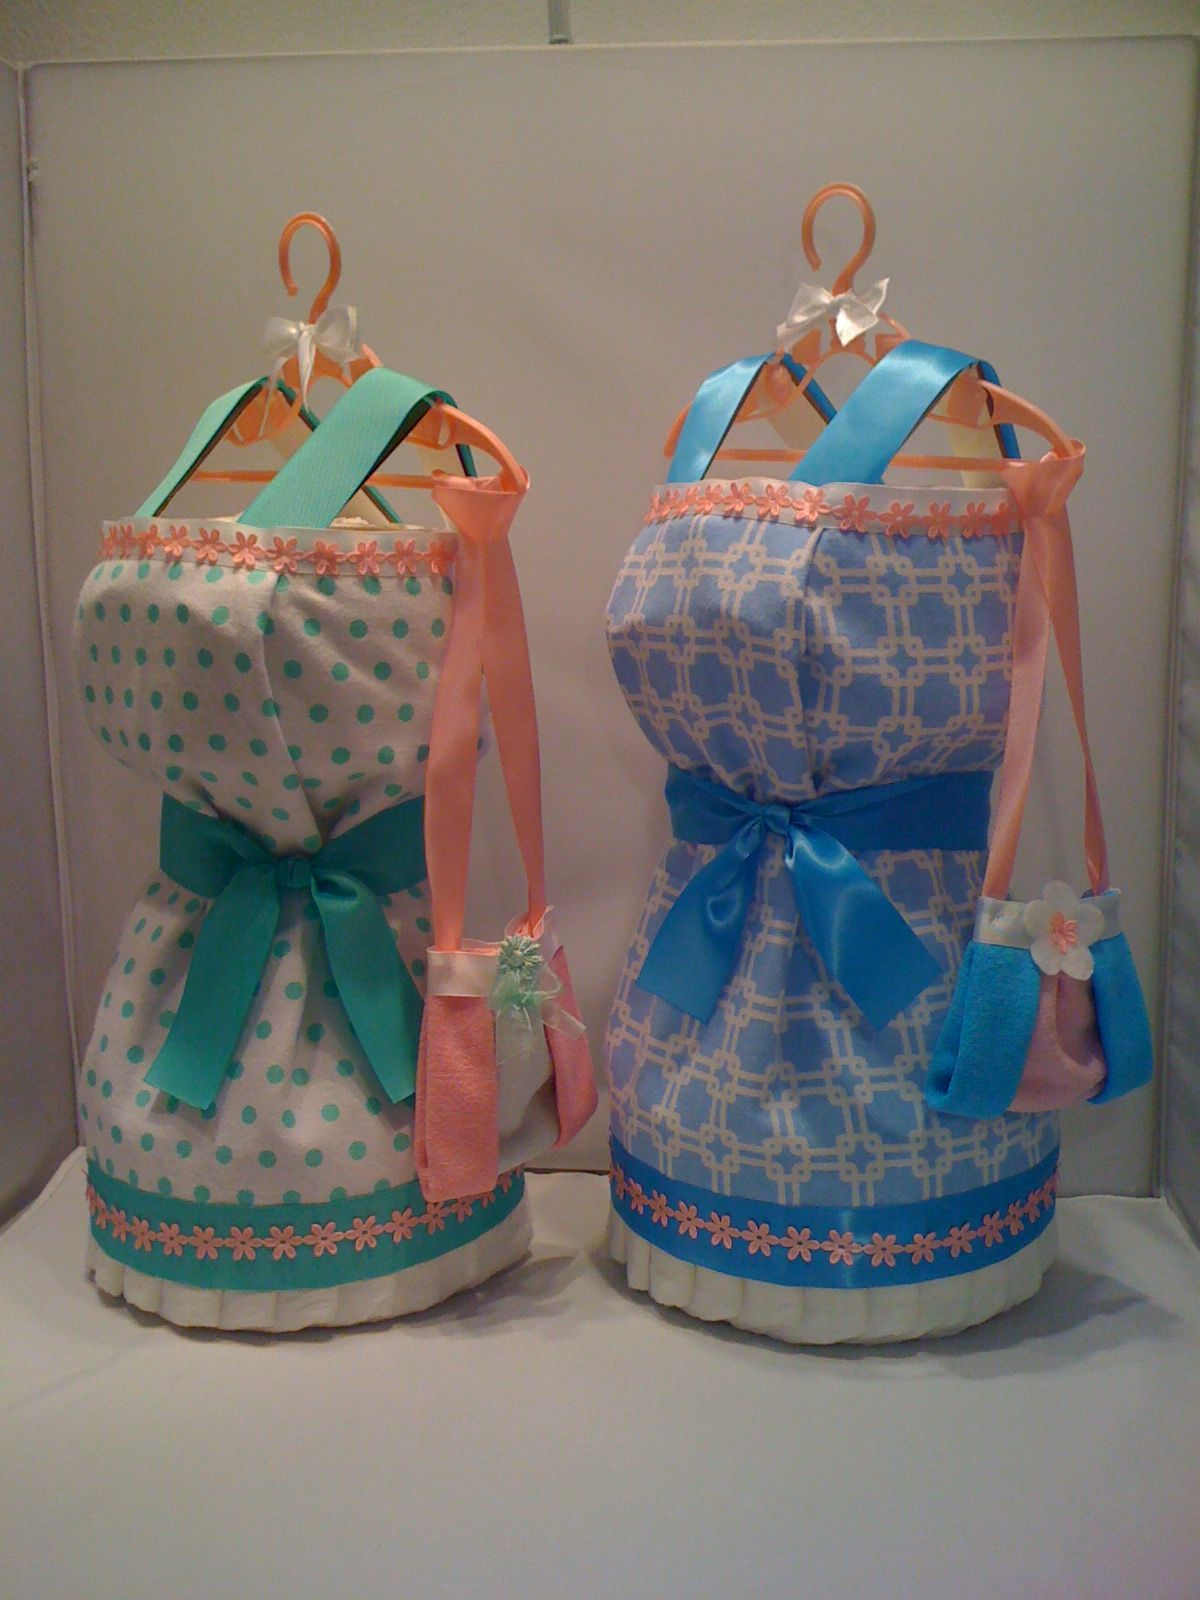 Dress Diaper Cake http://babyfavorsandgifts.com/dress-diaper-cake-p-69.html